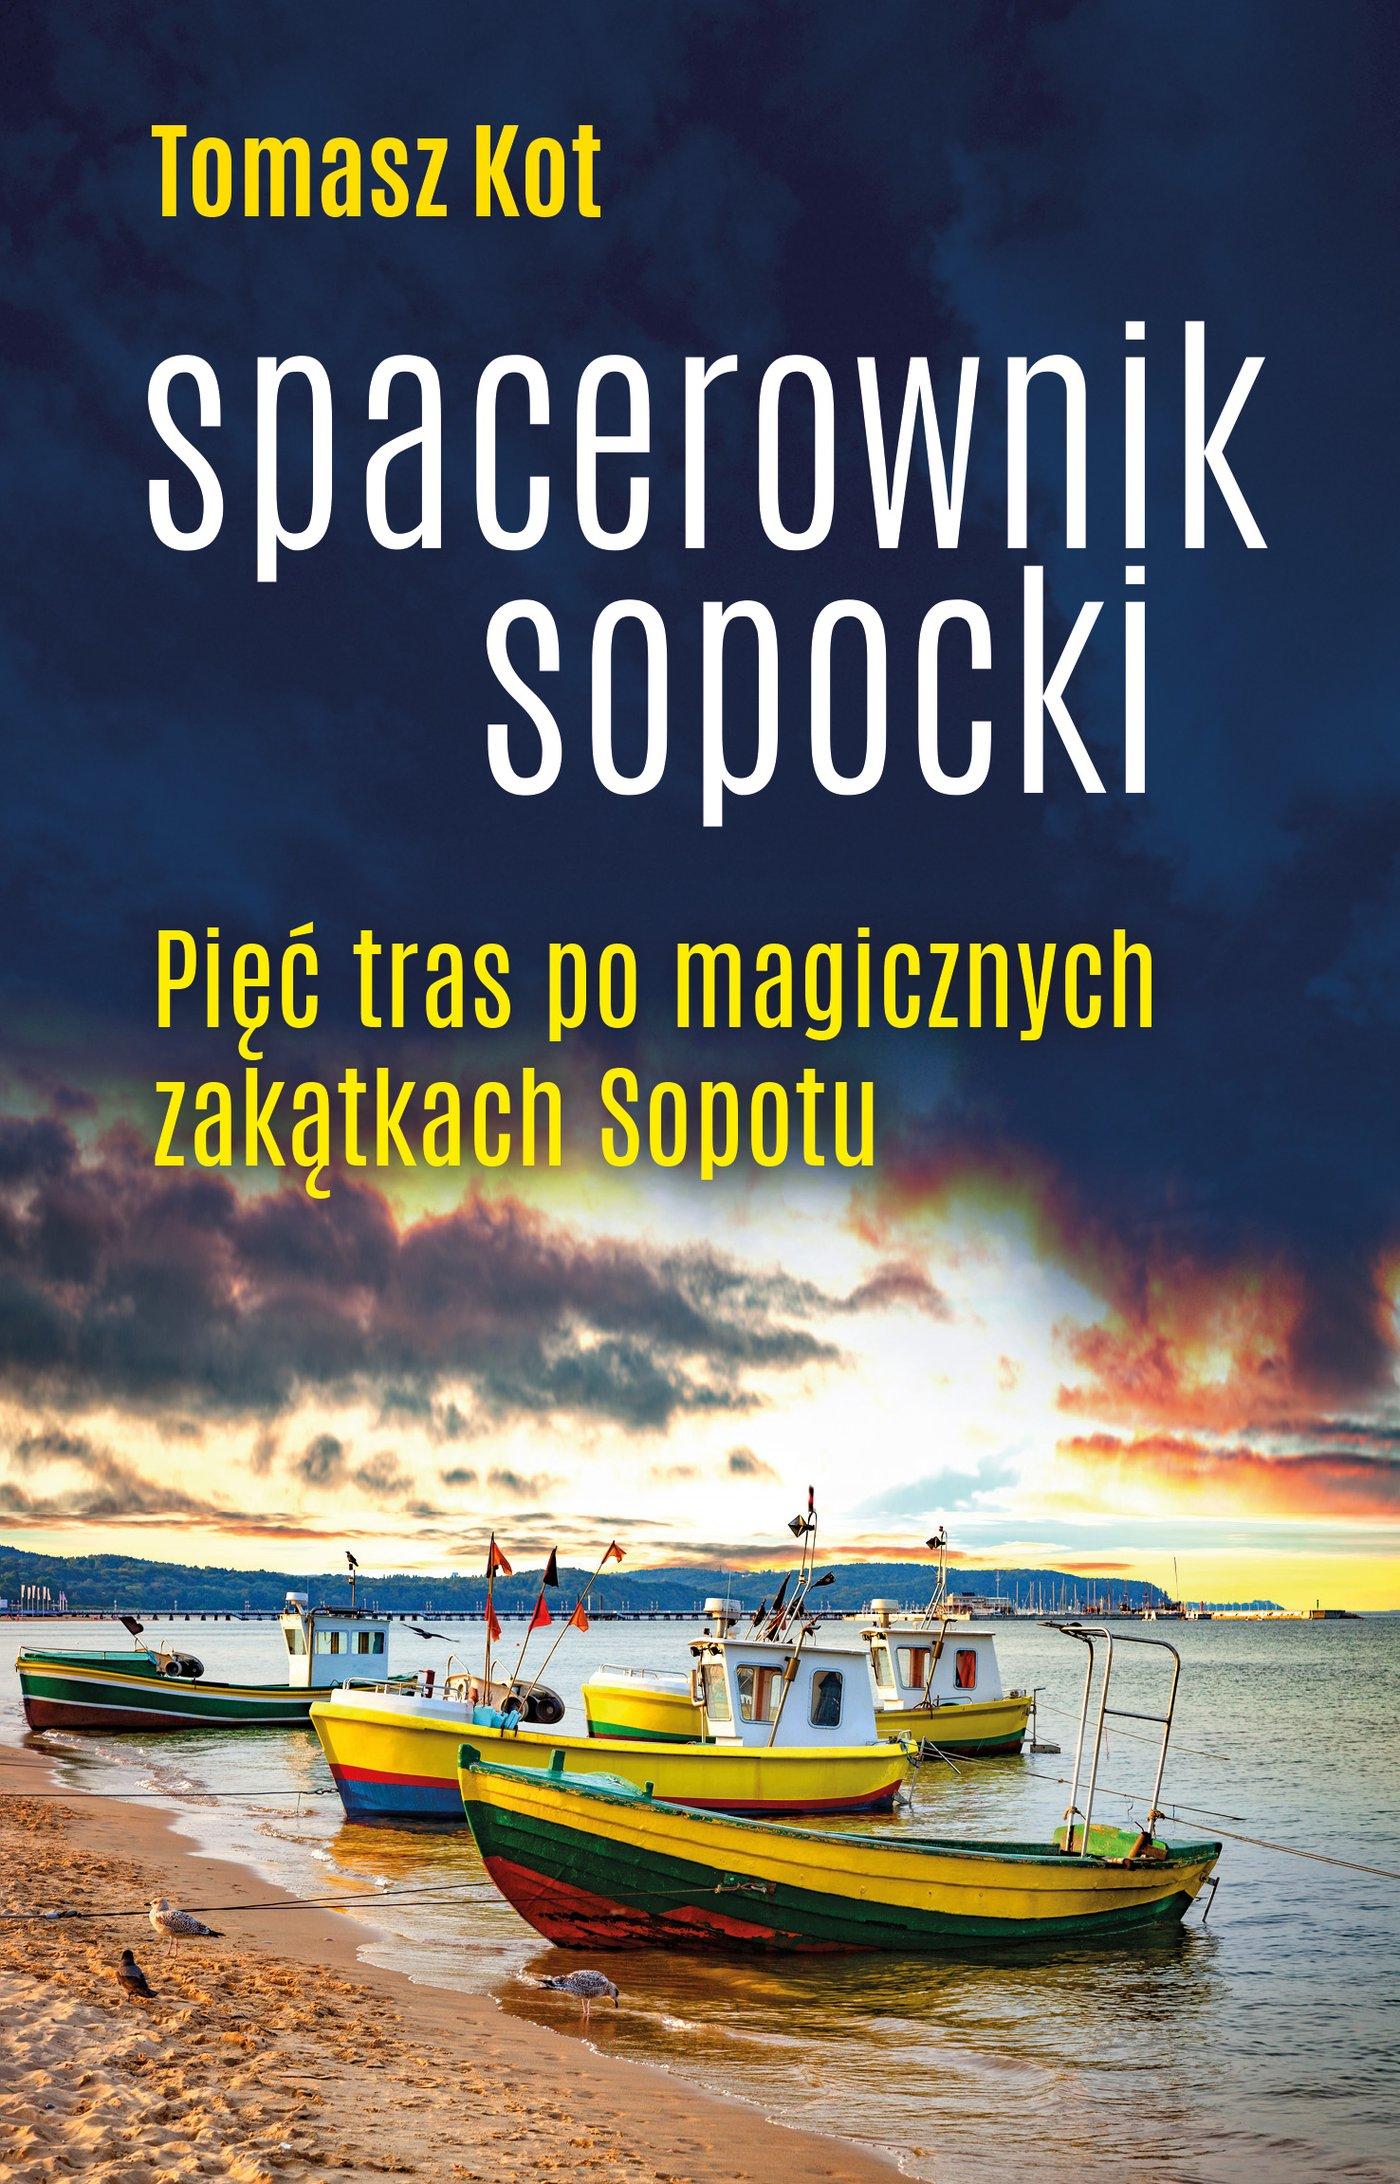 Spacerownik sopocki - Ebook (Książka EPUB) do pobrania w formacie EPUB